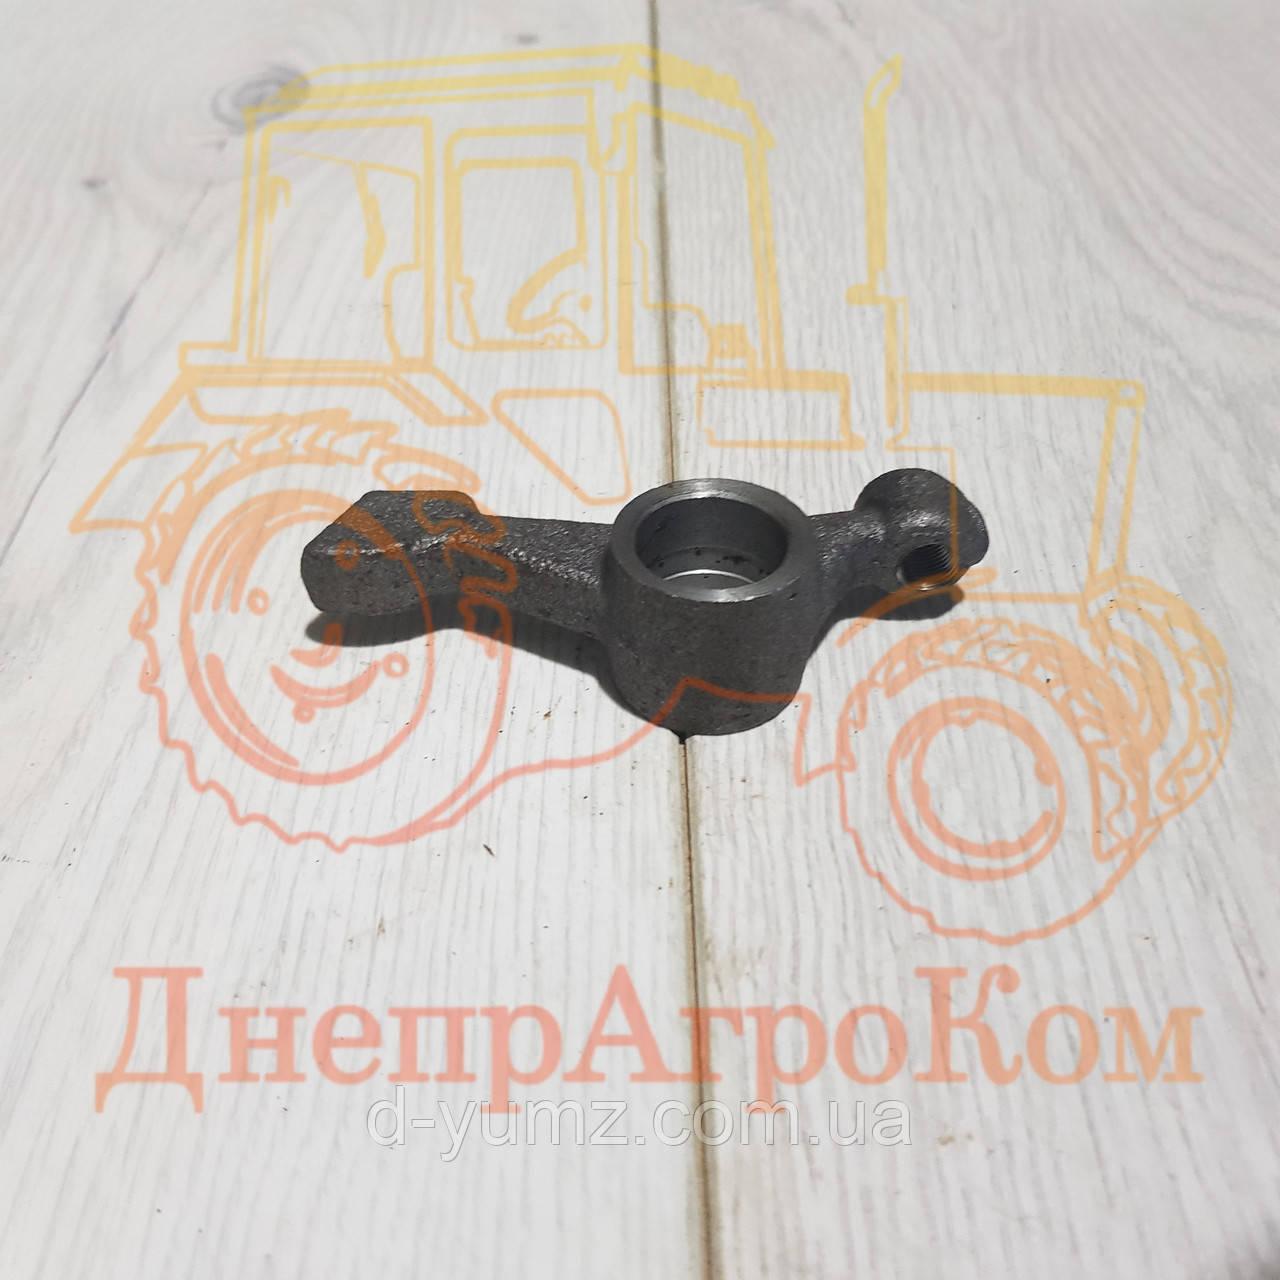 Коромысло клапана ЮМЗ Д-65 | Д65-1007116